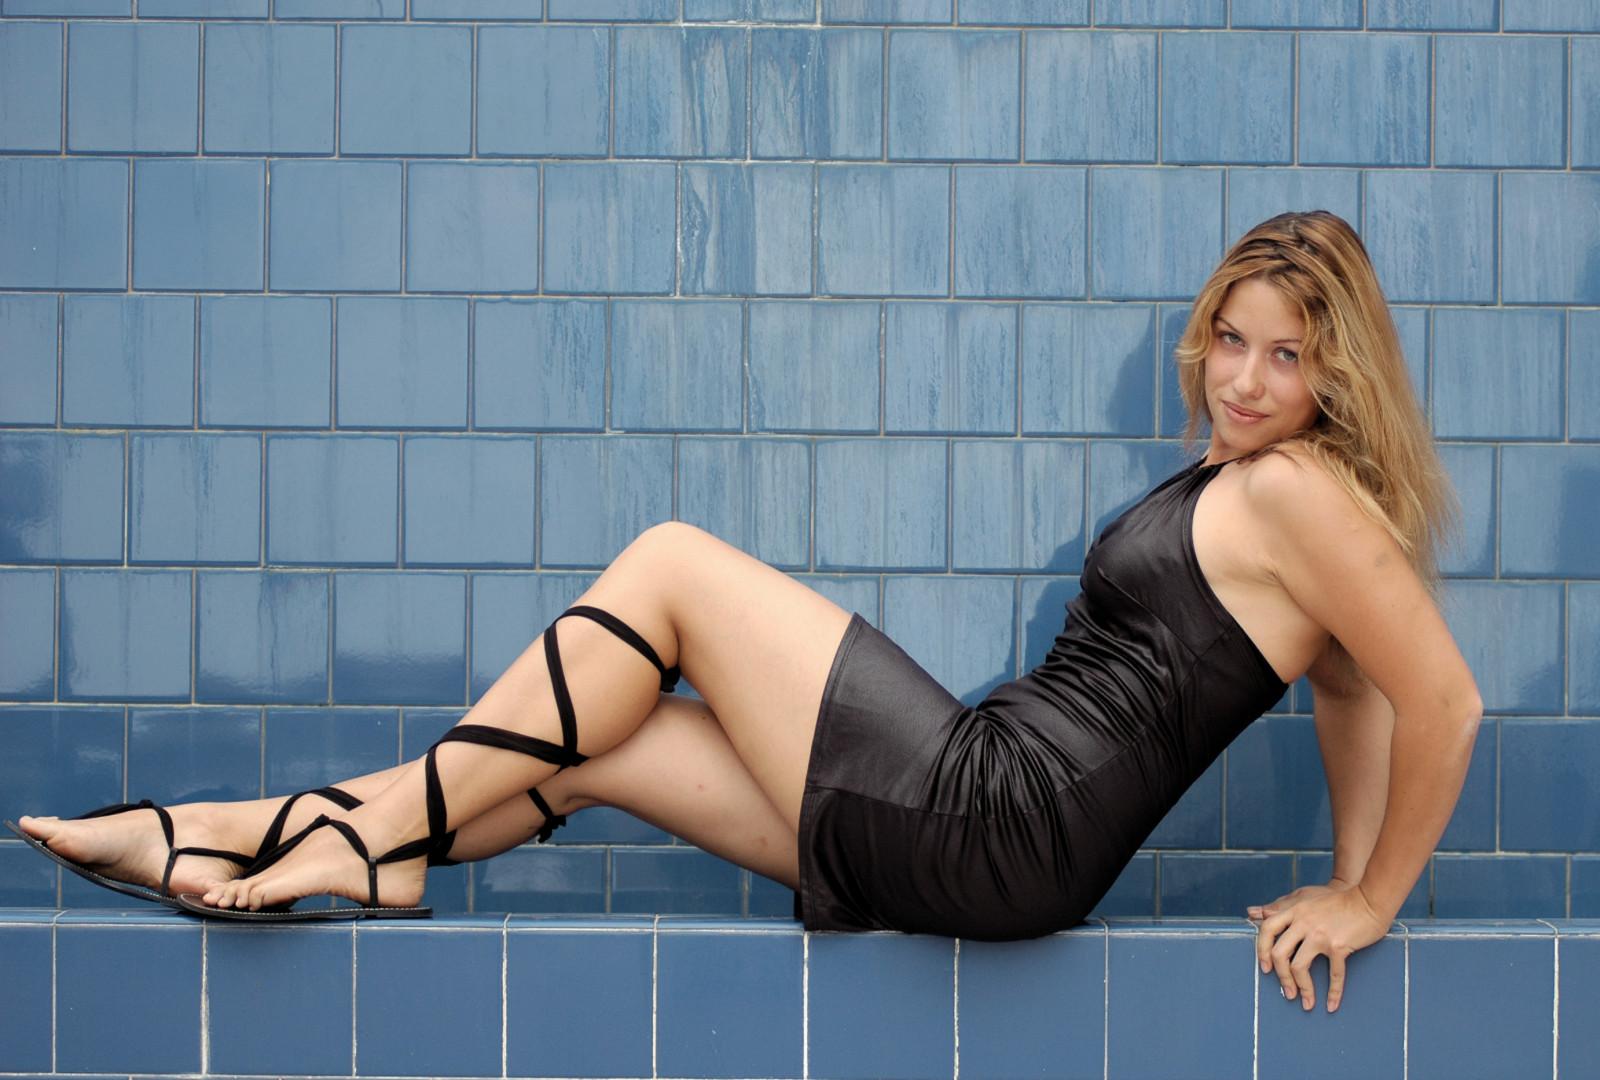 σέξι μαύρο milf πορνό φωτογραφίες